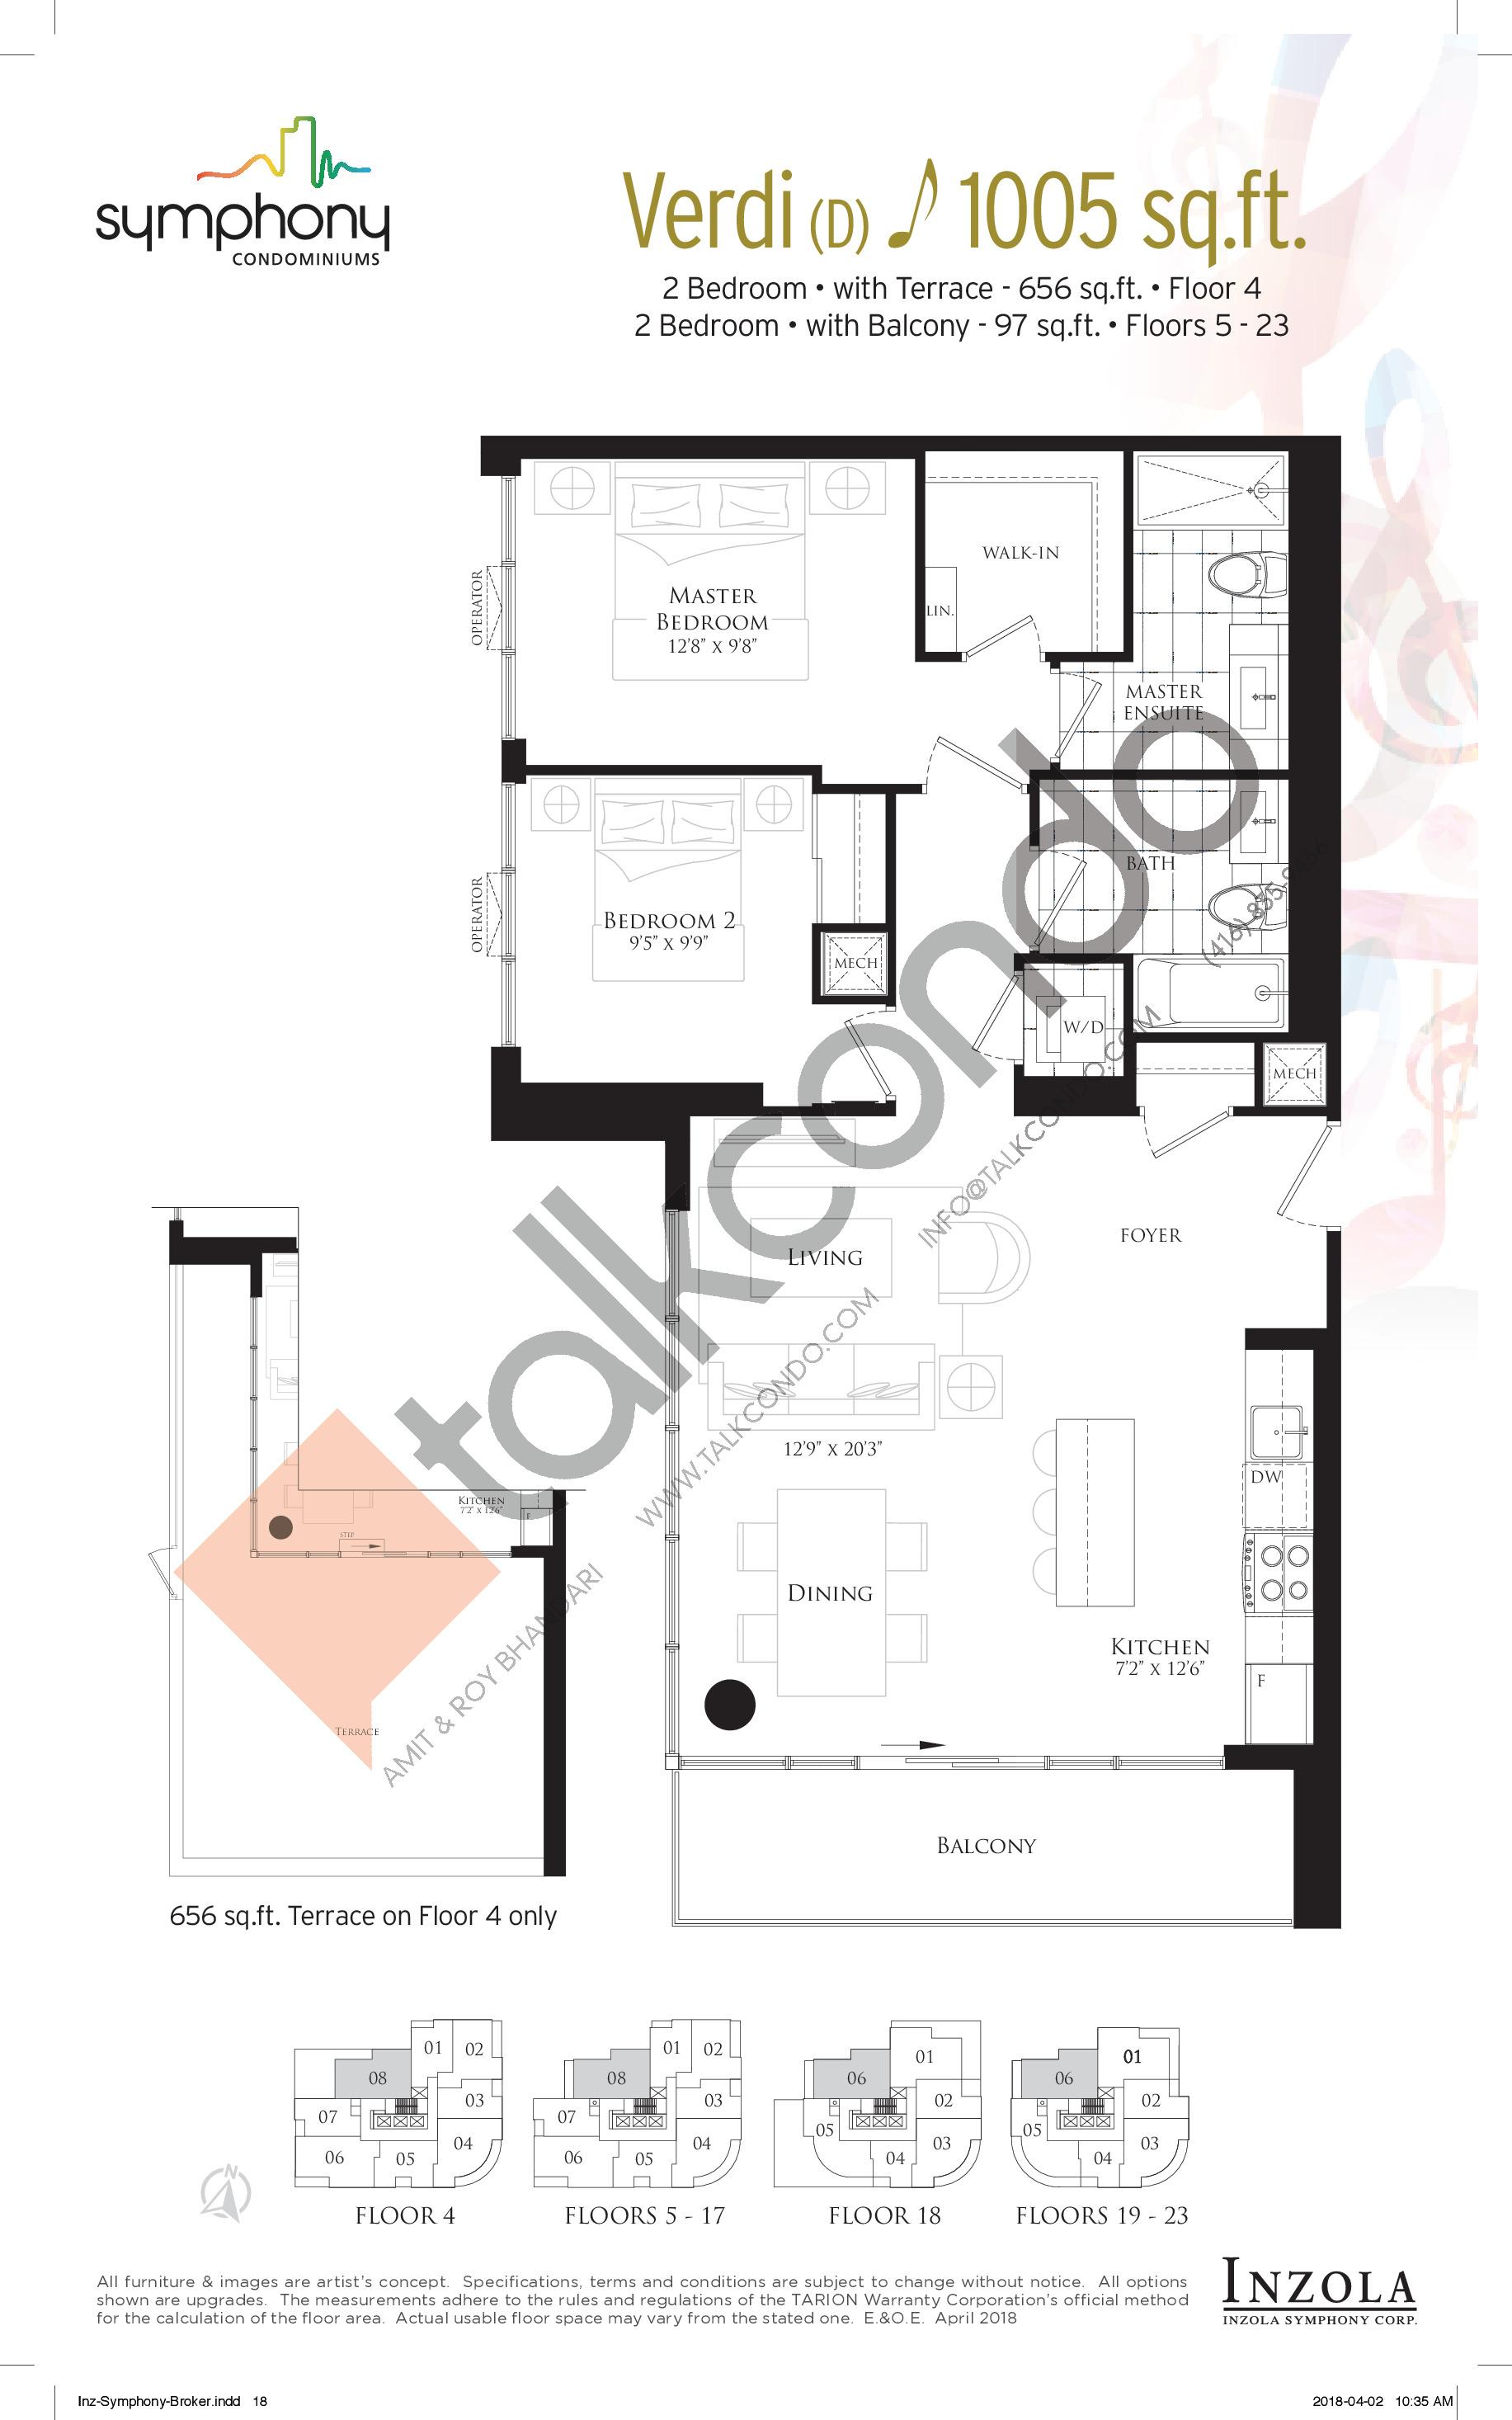 Verdi Floor Plan at Symphony Condos - 1005 sq.ft